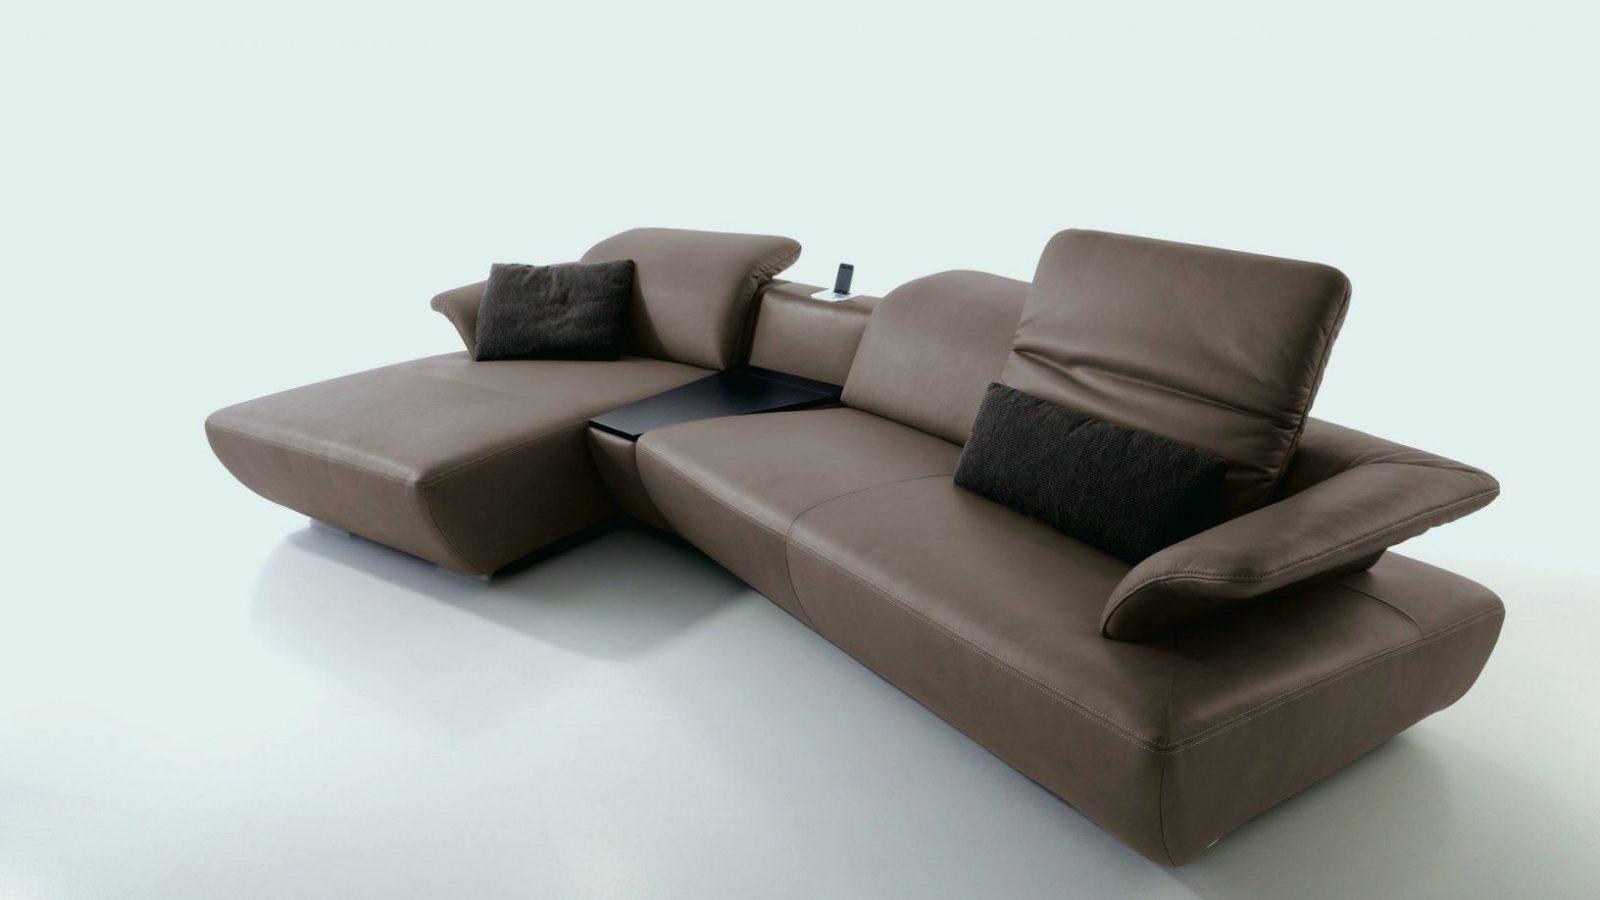 Sofa Mit Integriertem Tisch Beste Couch Ablage Perfect Sofatablett von Sofa Mit Integriertem Tisch Bild